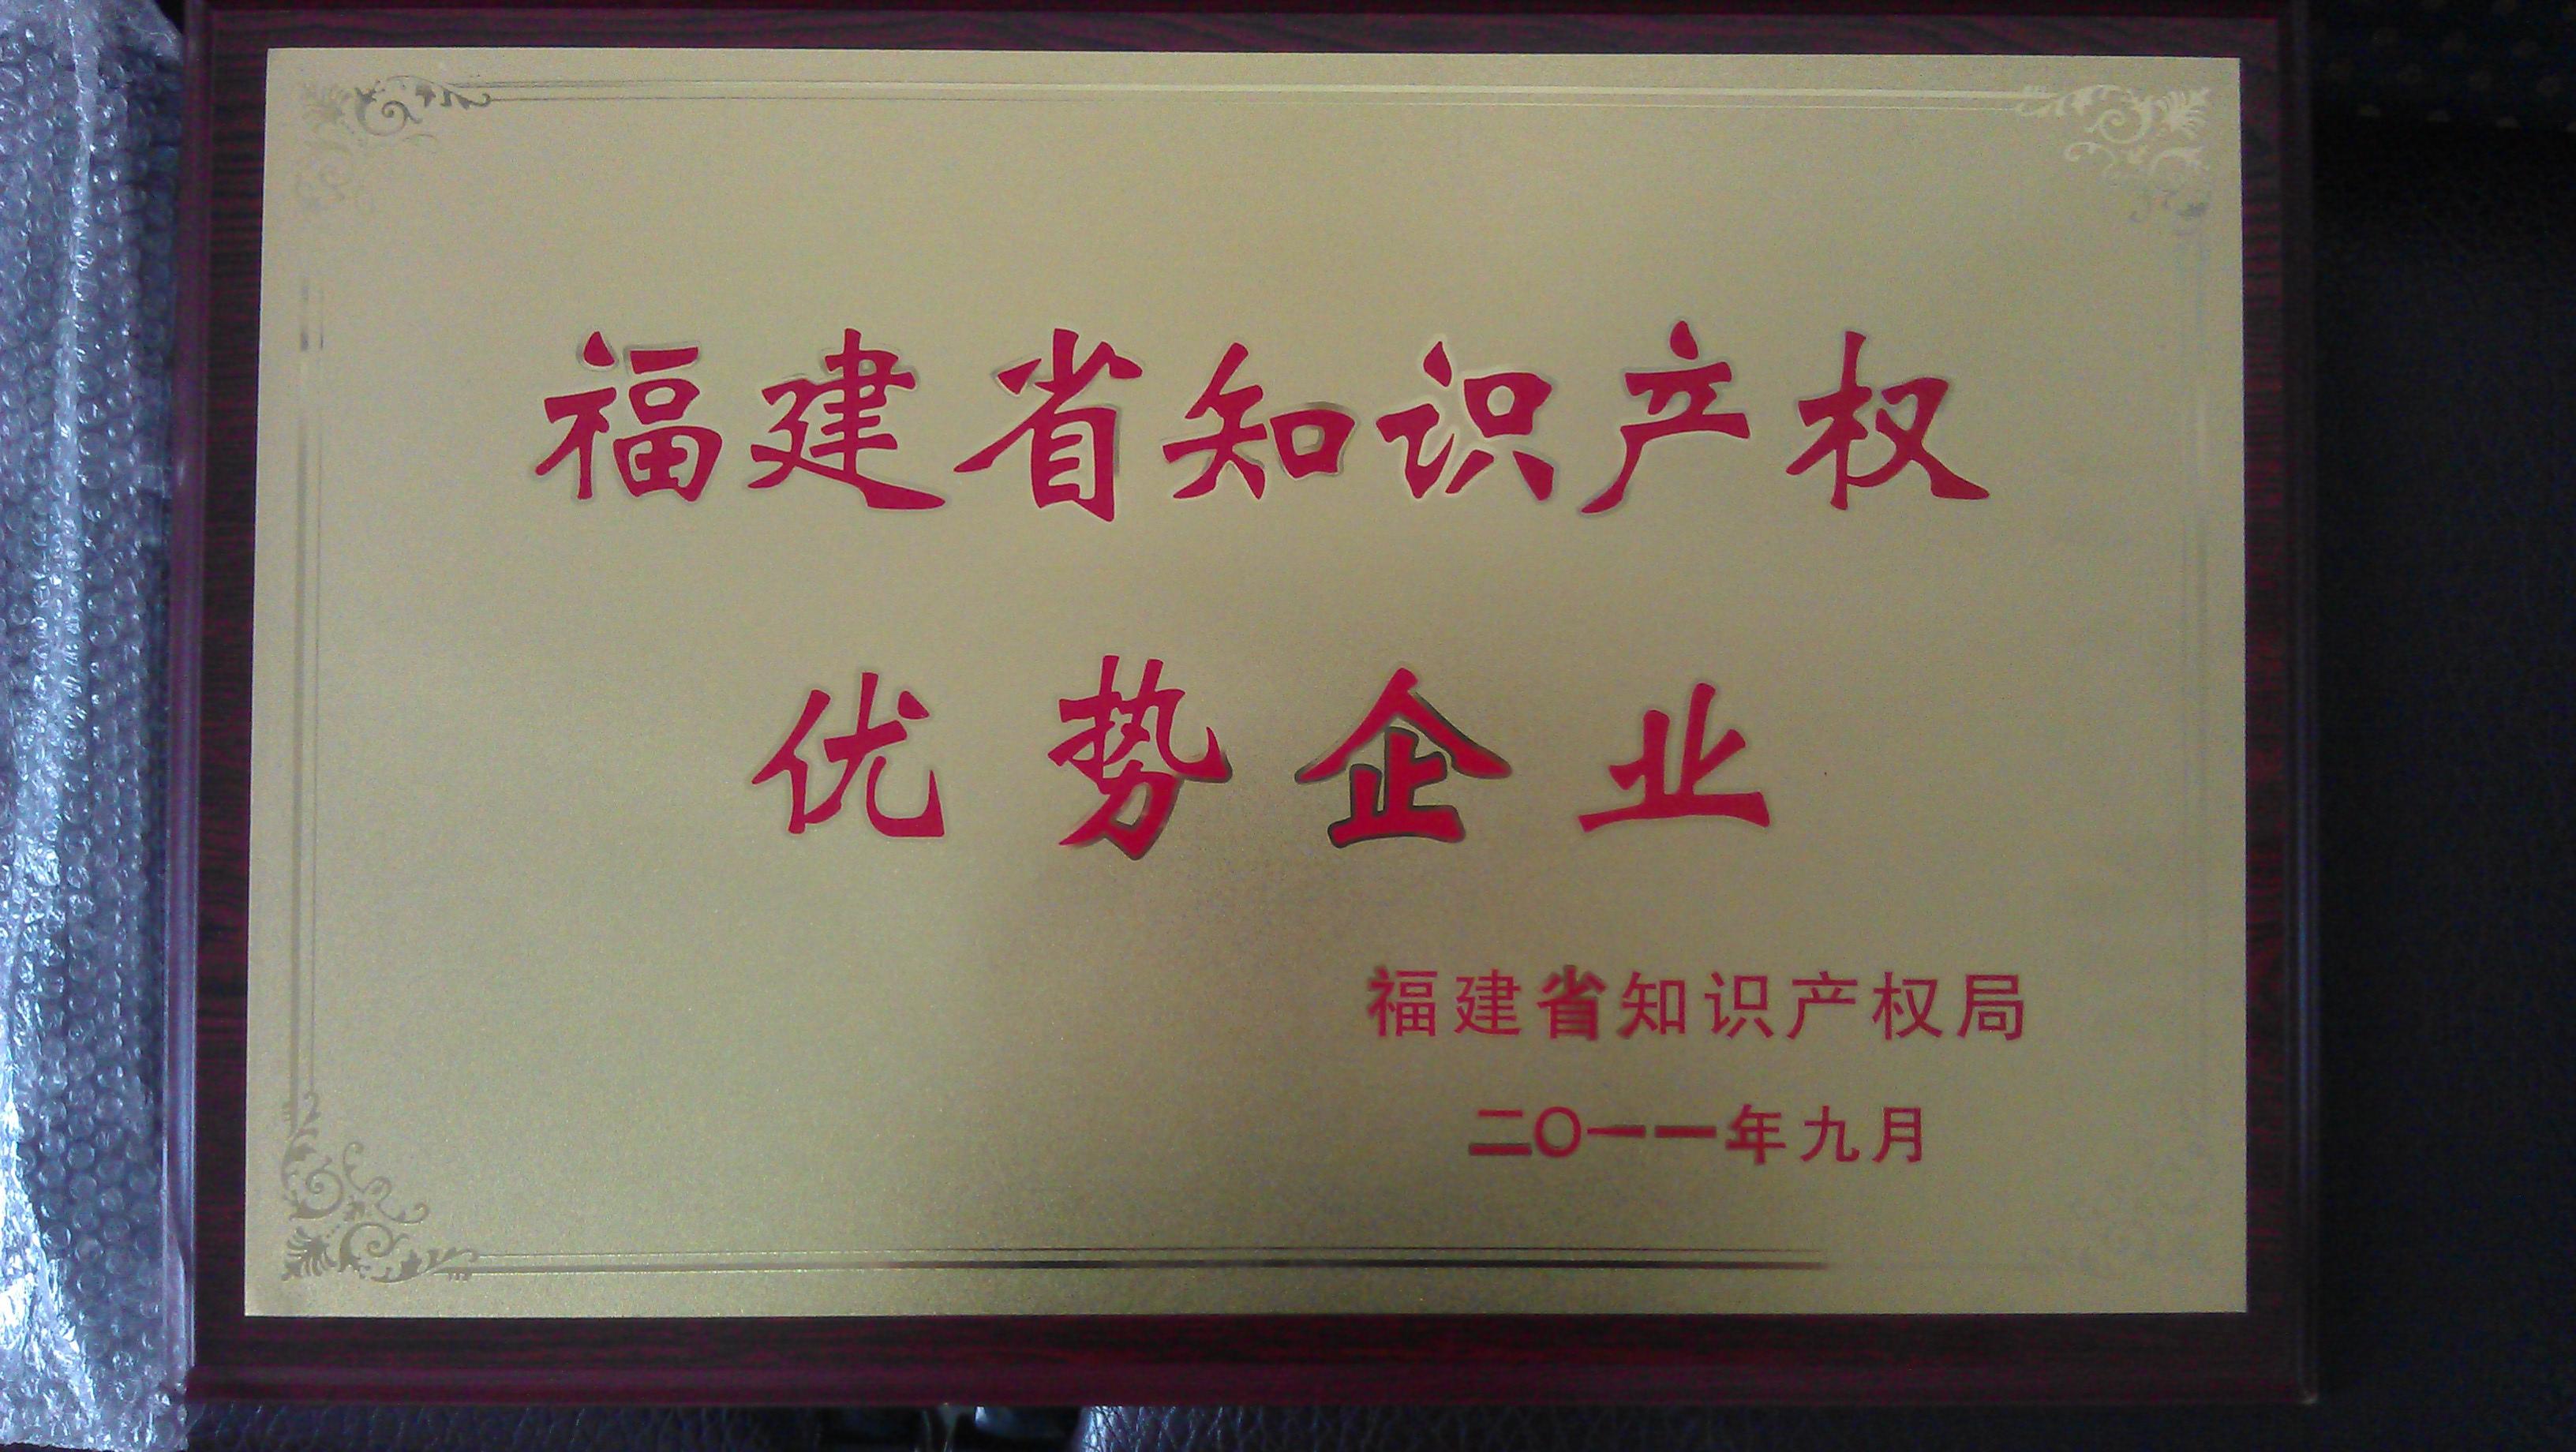 2011年9月,丰力粉碎机被福建省知识产权局授予福建省知识产权优势企业。